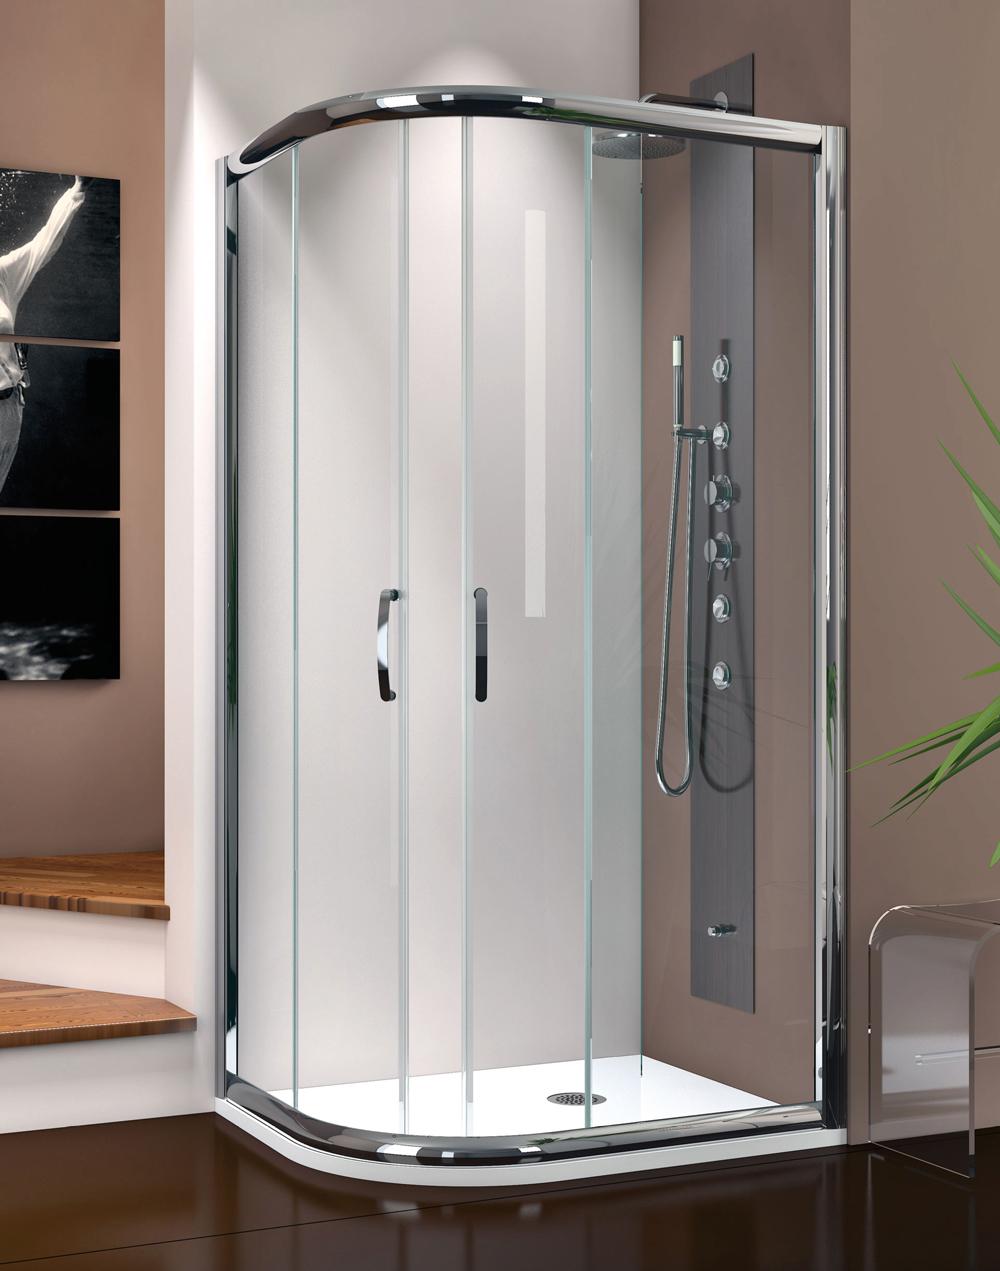 Ambra amb sr thermodesign - Box doccia design minimale ...